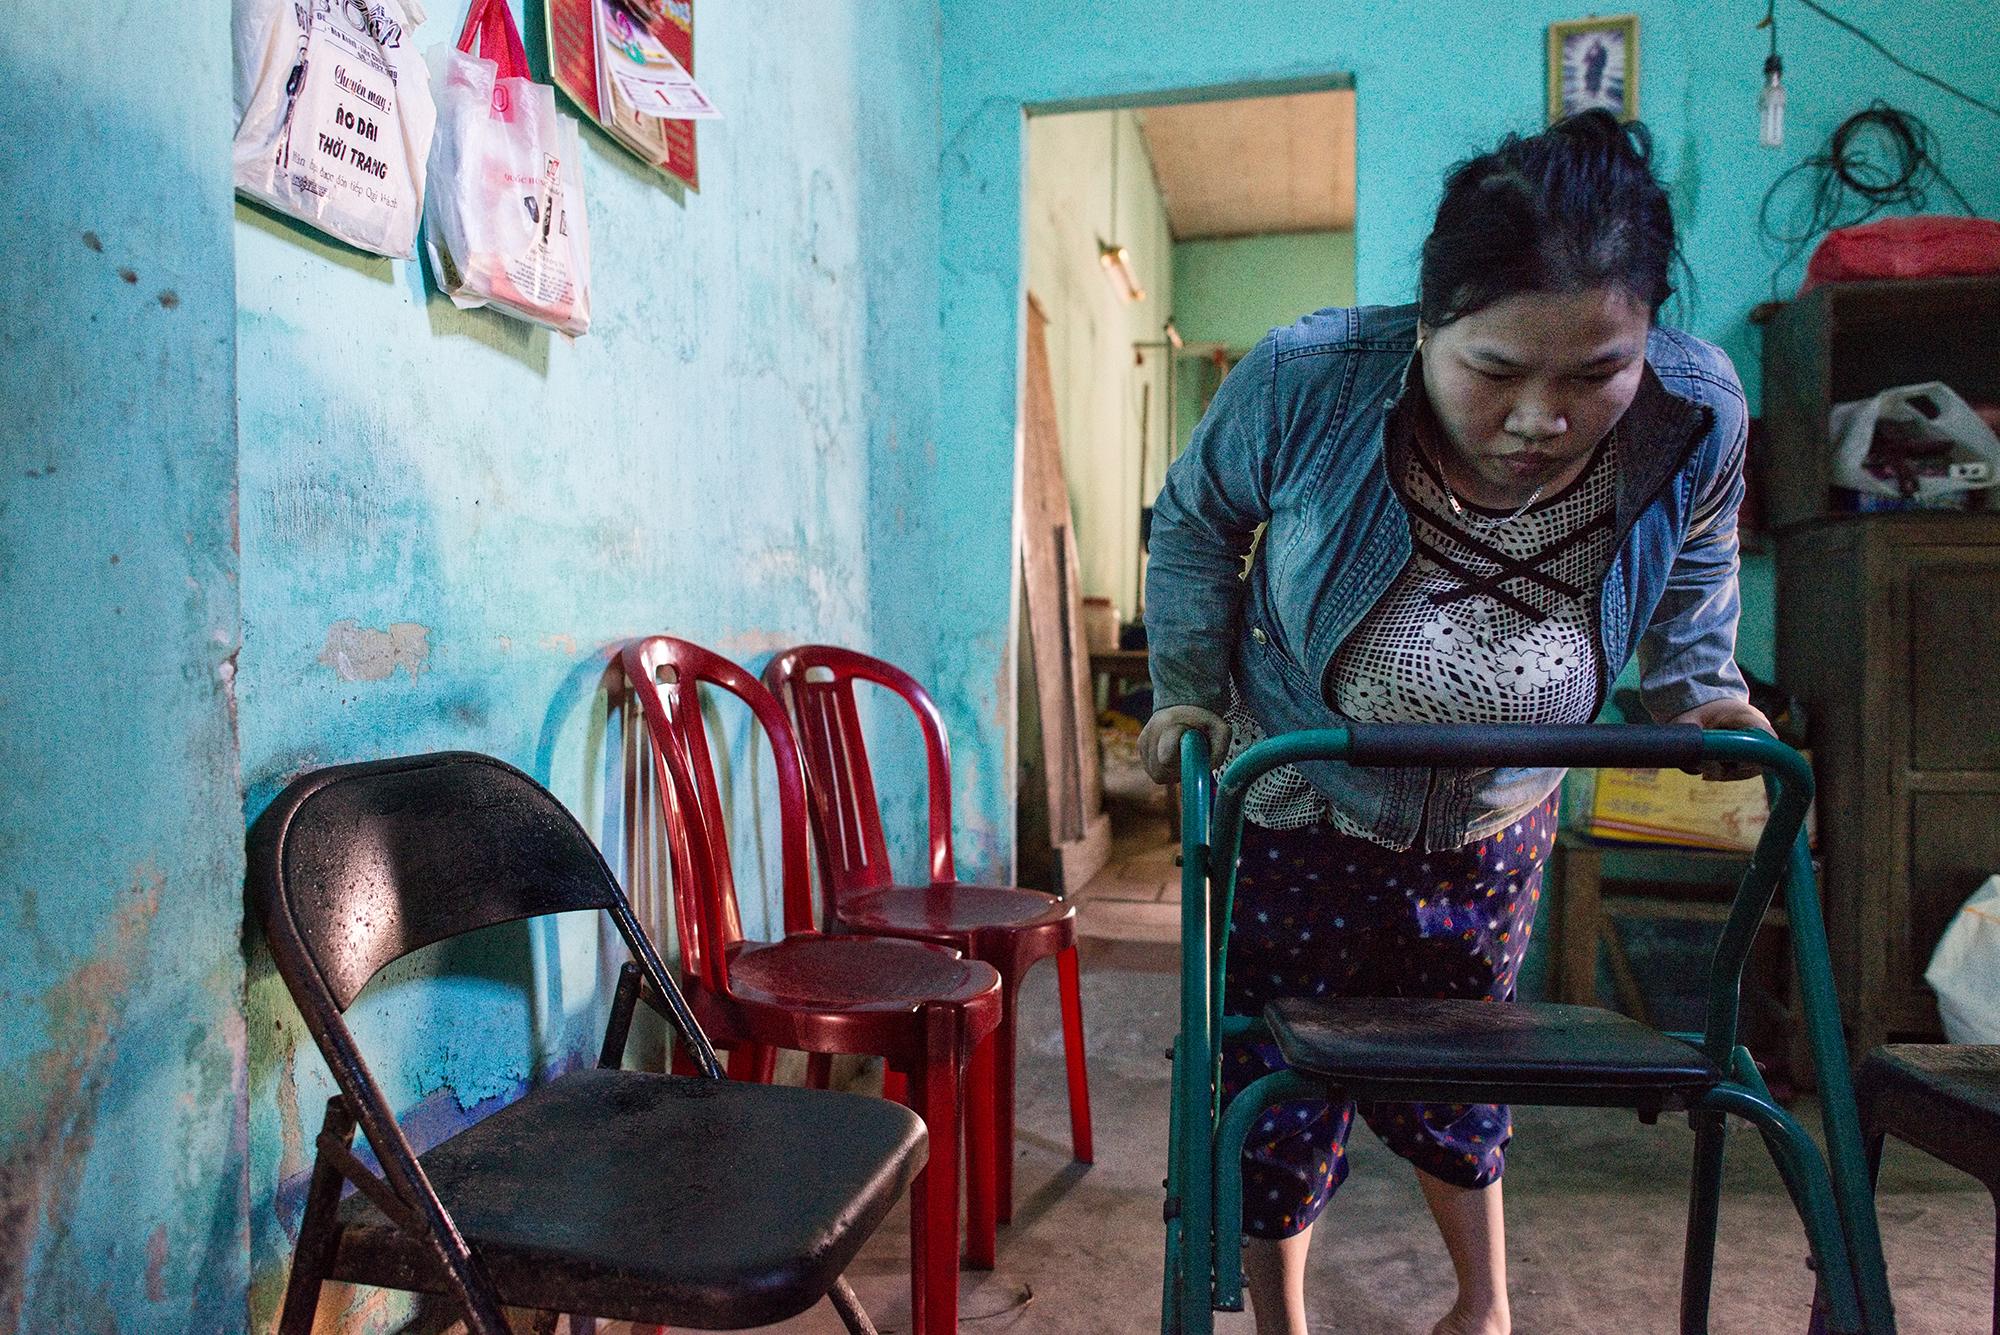 Agent-Orange-Opfer Tran Thi Ty Nga: Die 33-Jährige kann sich nur dank einem Rollator und der permanenten Hilfe ihrer Mutter etwas fortbewegen.